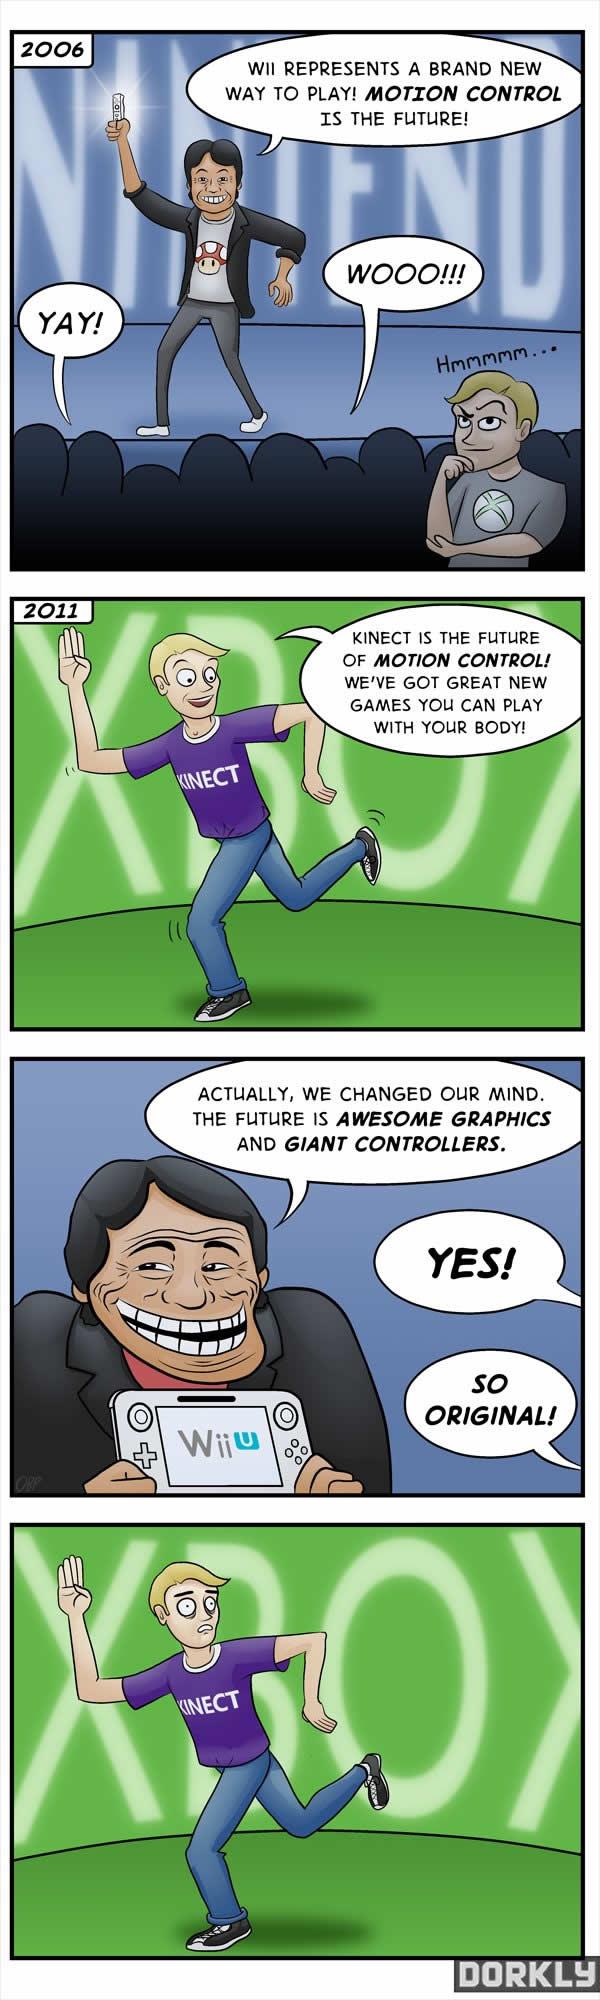 Wii U comic large